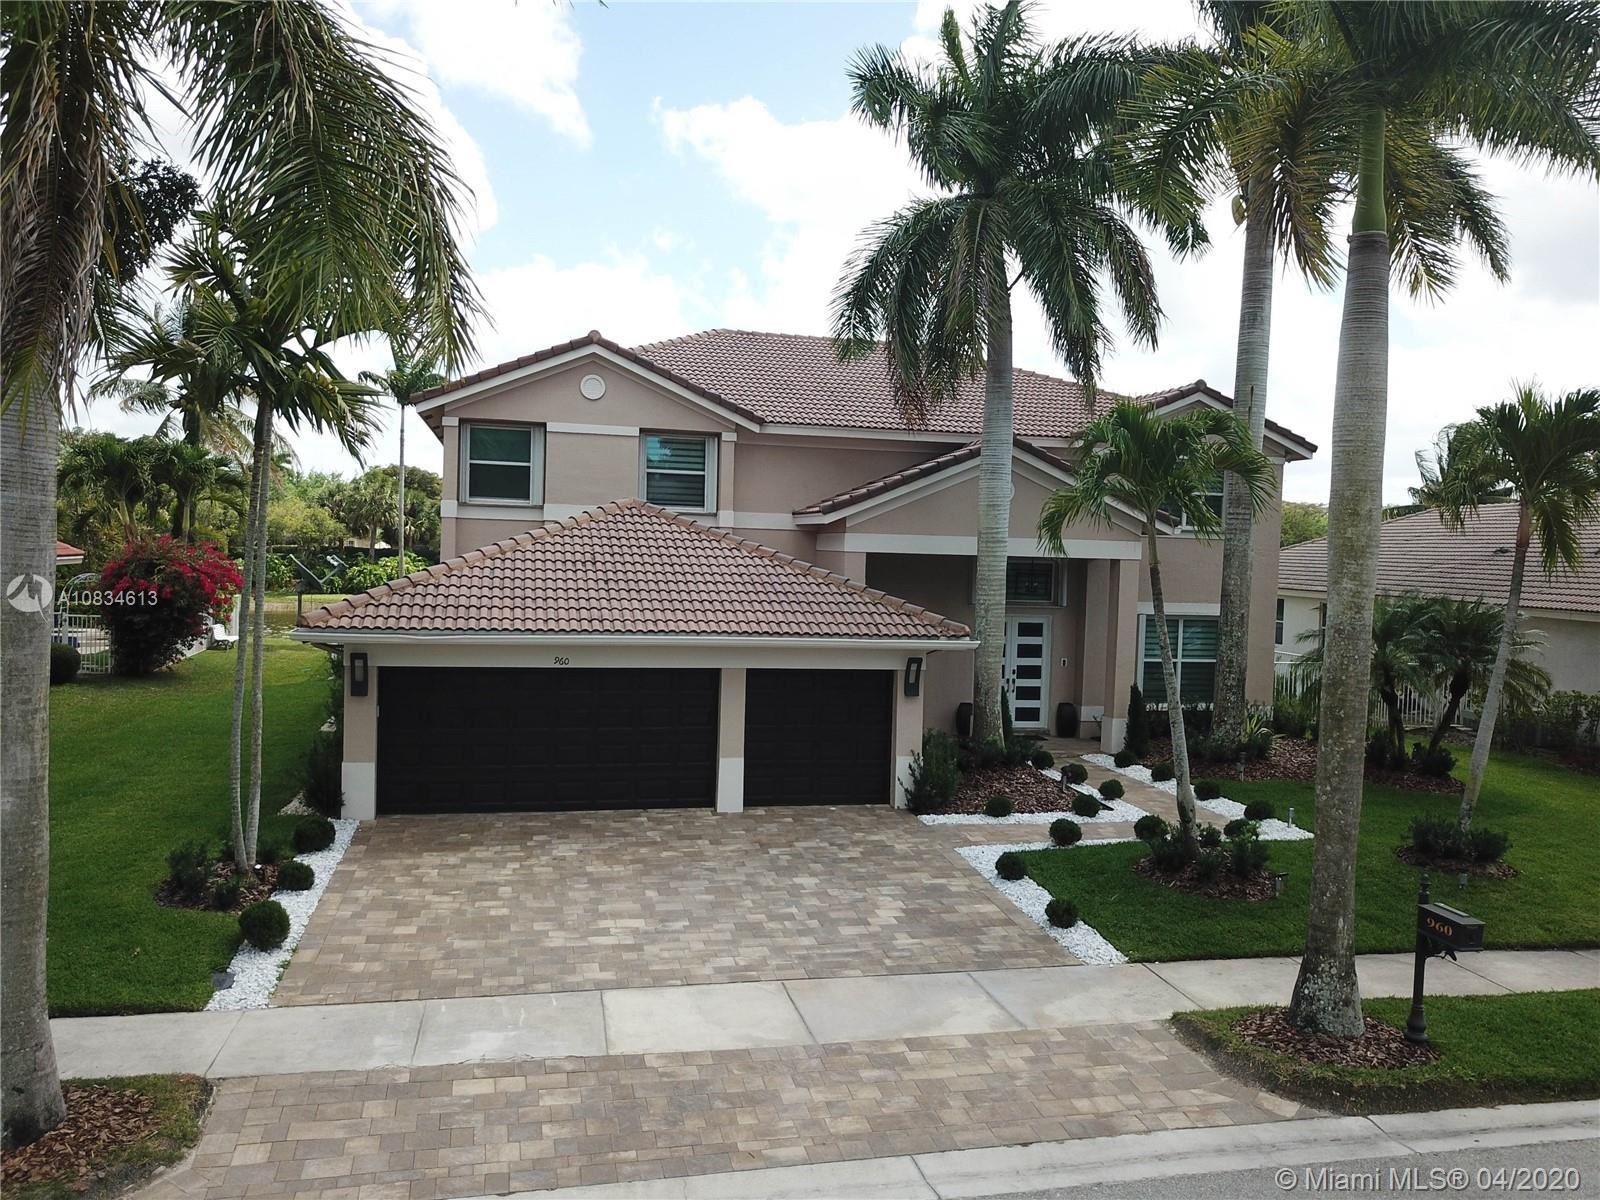 960 Windward Way, Weston, FL 33327 - #: A10834613